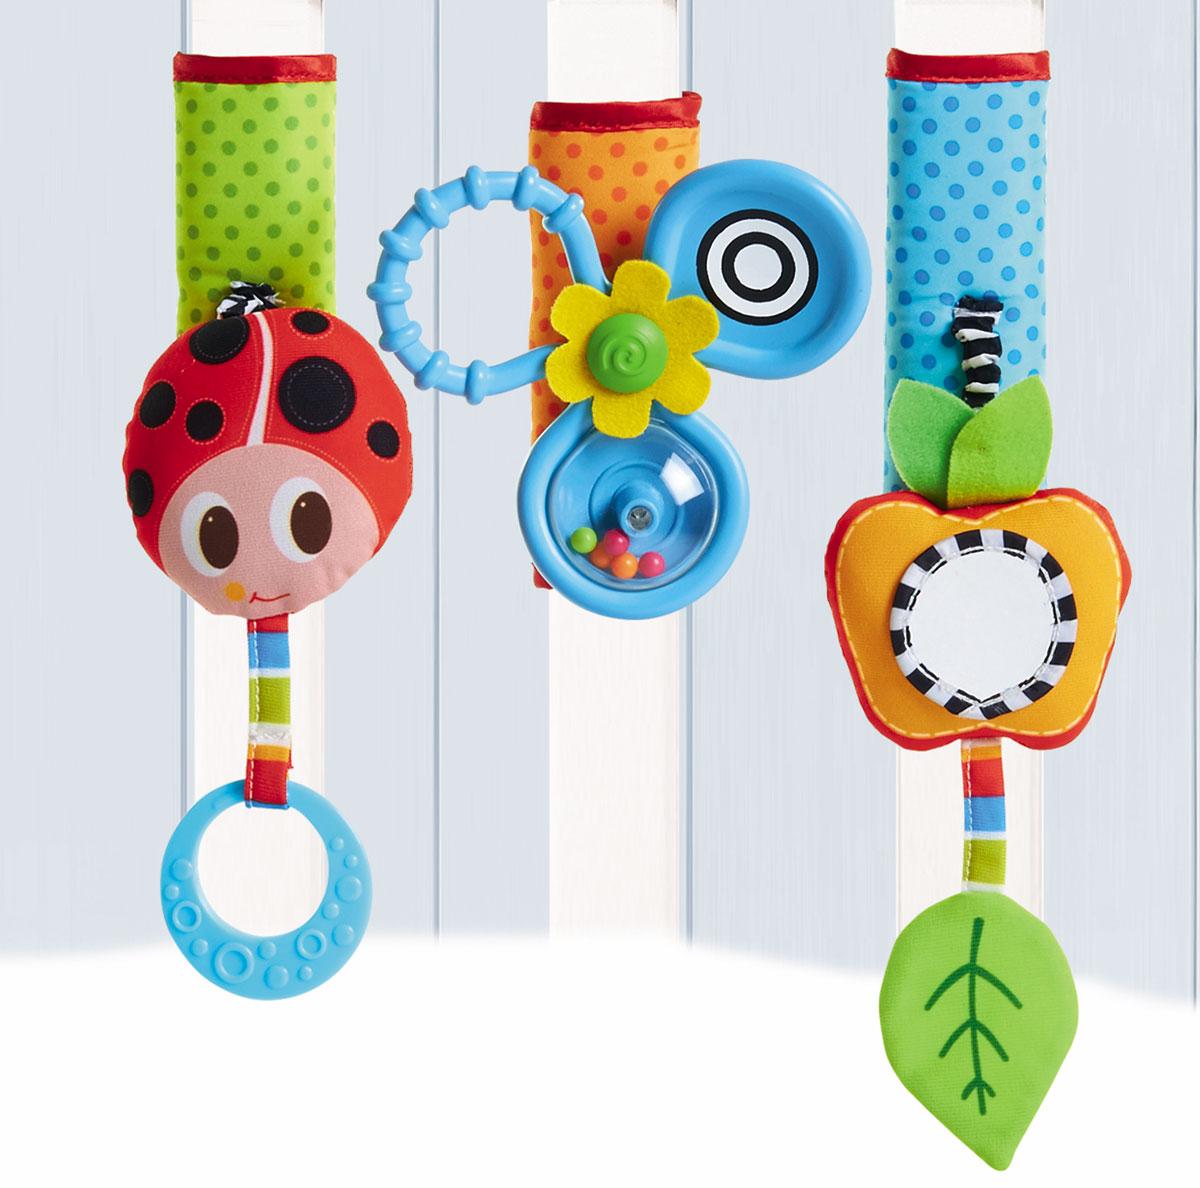 Tiny Love Развивающая игрушка Летняя поляна на липучке1303605830Комплект развивающих игрушек для колясок и детских манежей. Вместо одной игрушки покупатель получаете сразу 3. Можно разместить их на одном уровне или прикрепите в разных сторон кроватки, что малыш постоянно двигался и развивал мышечный тонус и крупную моторику. Широкая липучка делает игрушки универсальными и позволяет прикрепить их даже к самым широким бамперам колясок и перекладинам. Развивающие элементы: •мягкая божья коровка с прорезывателем; •Пропеллер-погремушка с кольцом для захвата; •яблочко с безопасным зеркалом, шуршащим листочком и функцией вибрации при оттягивании; •разные текстуры на каждой игрушке. Аналогов нет!